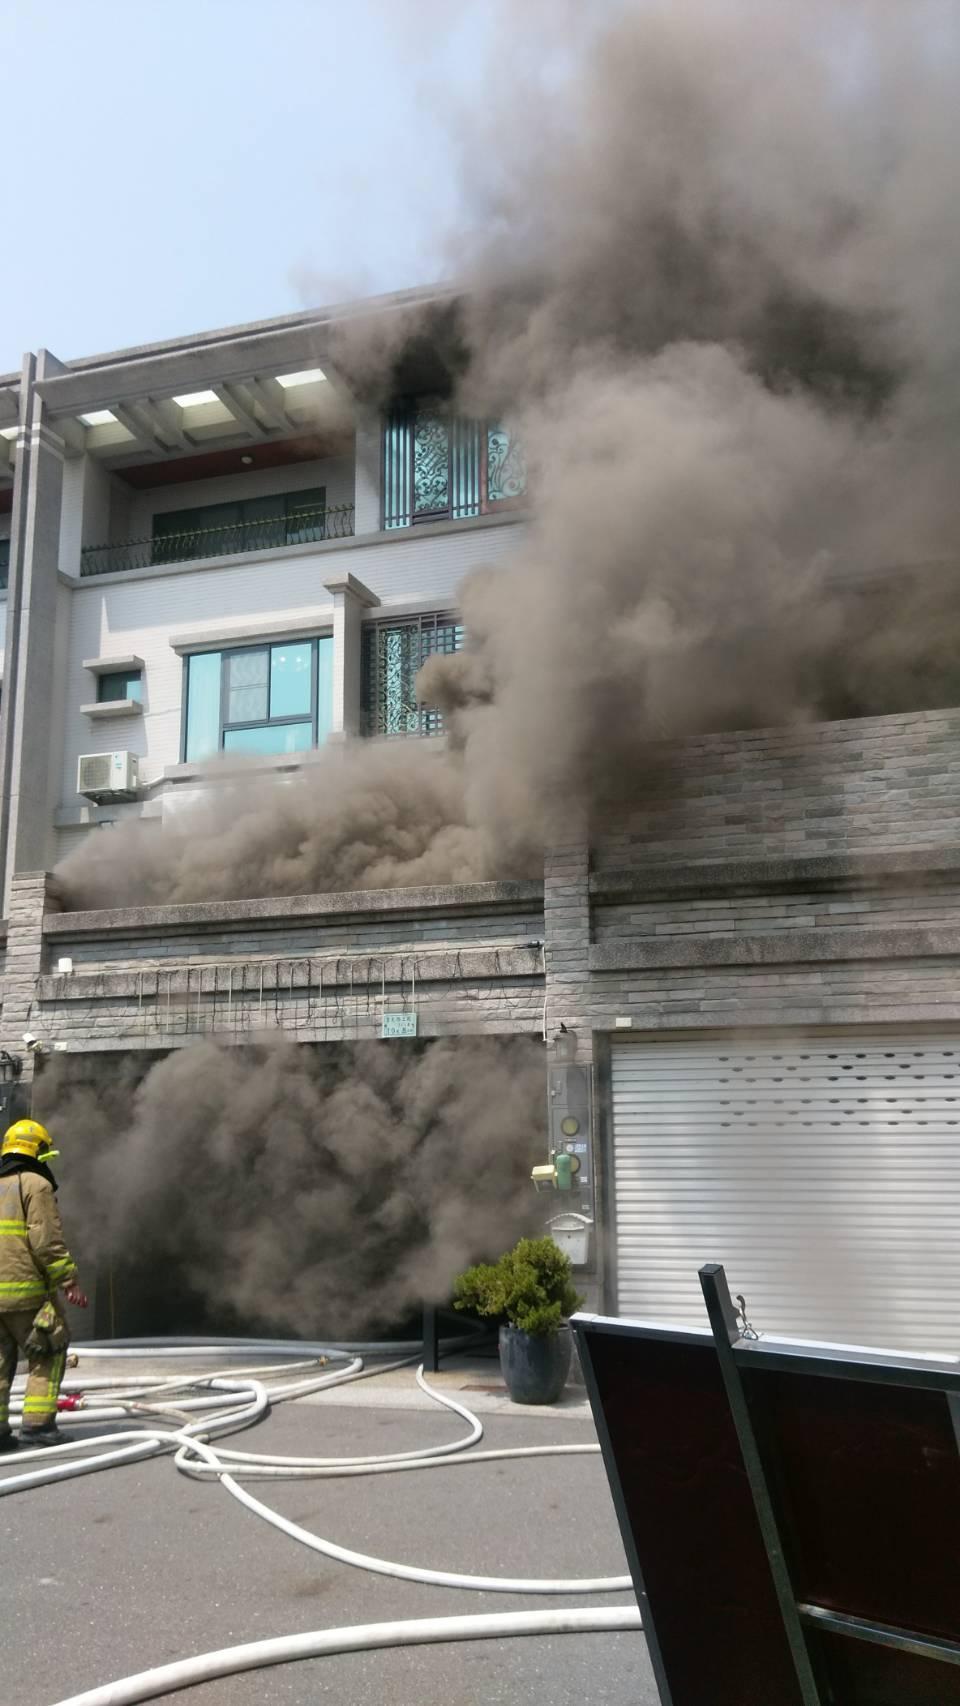 4樓透天民宅從2樓處傳出濃煙,警消先救出一名11歲的女童,沒想到自己同仁卻命喪火窟。(警消提供)